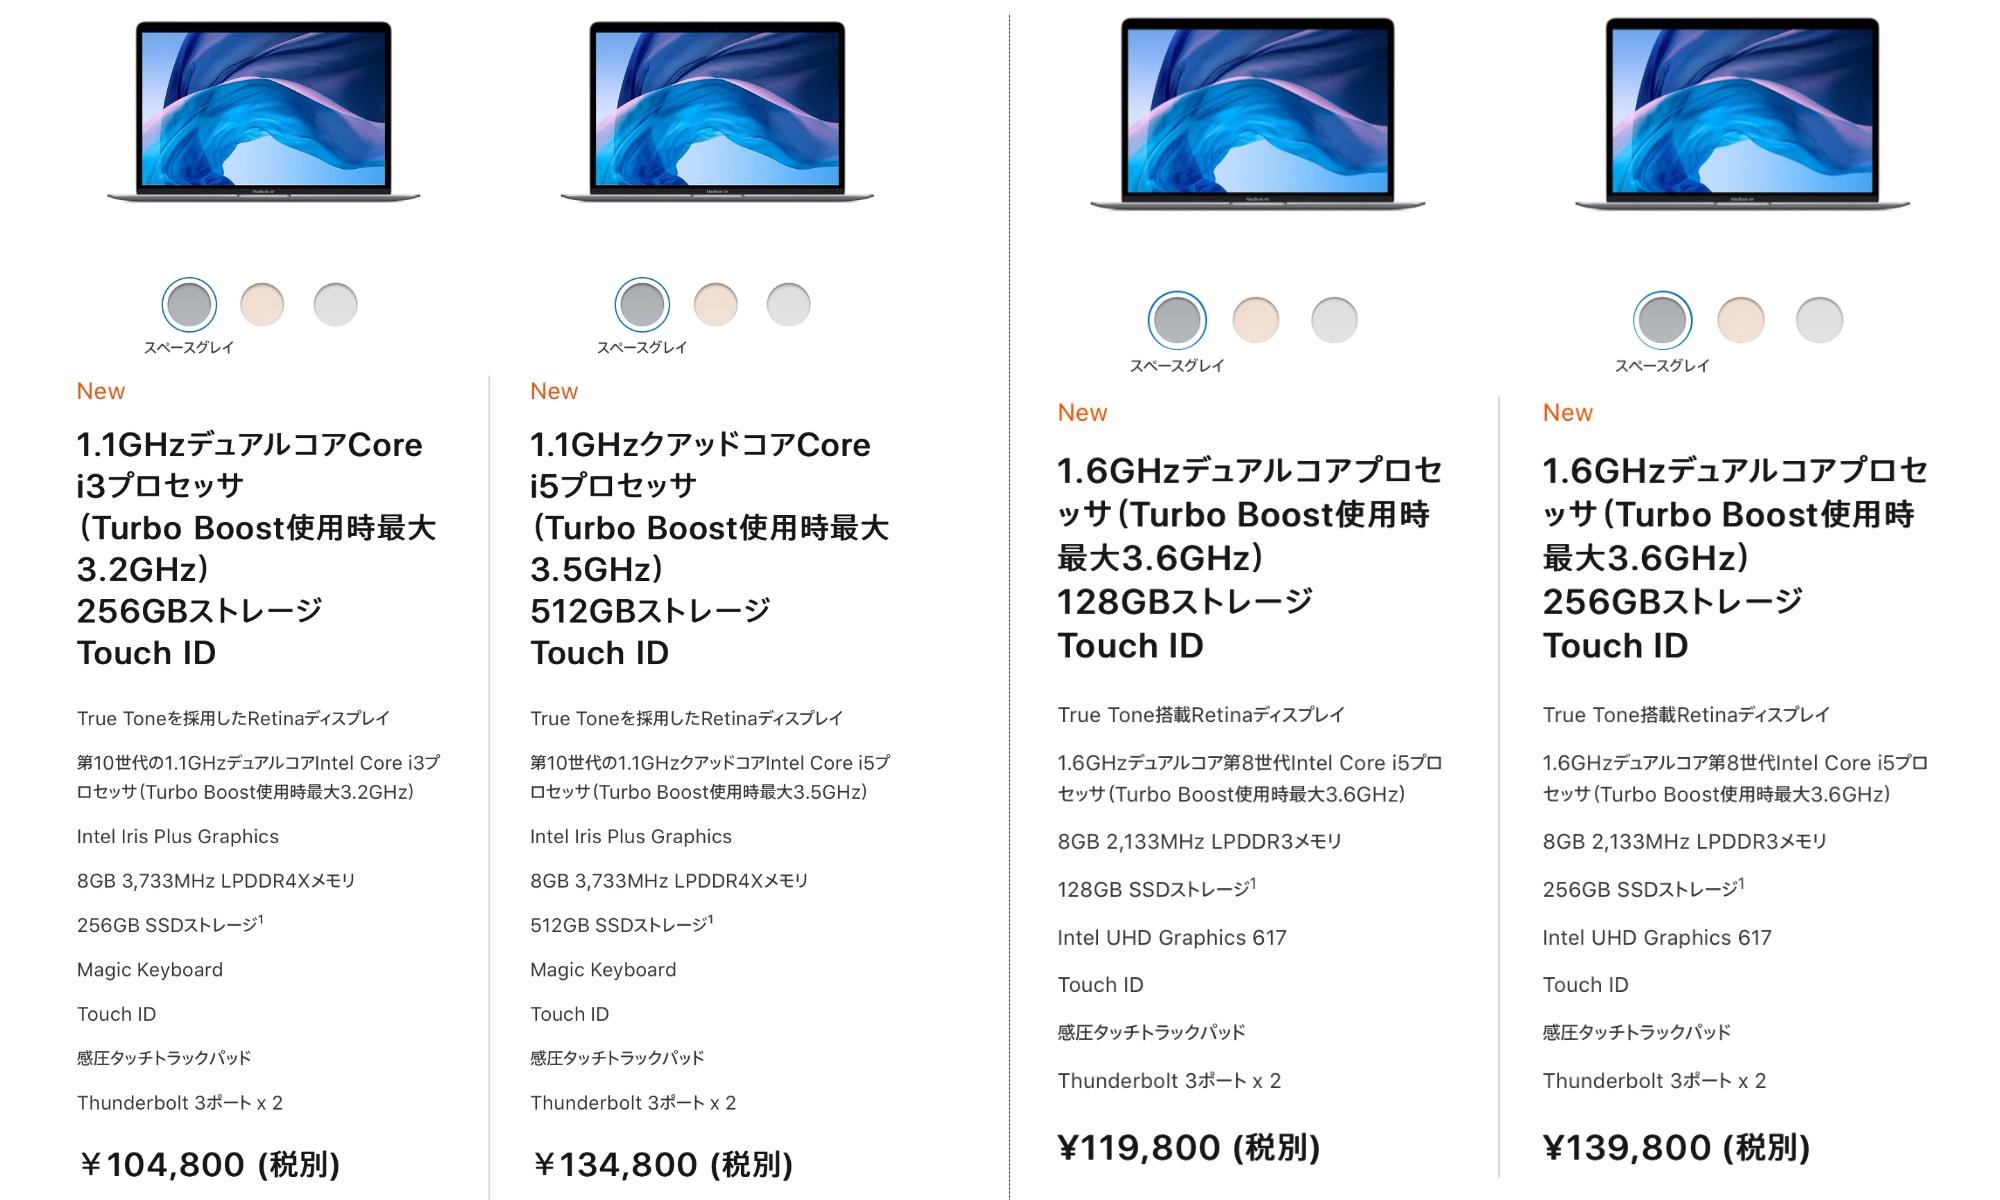 MacBook Air (2020)とMacBook Air (Retina, 13-inch, 2019)